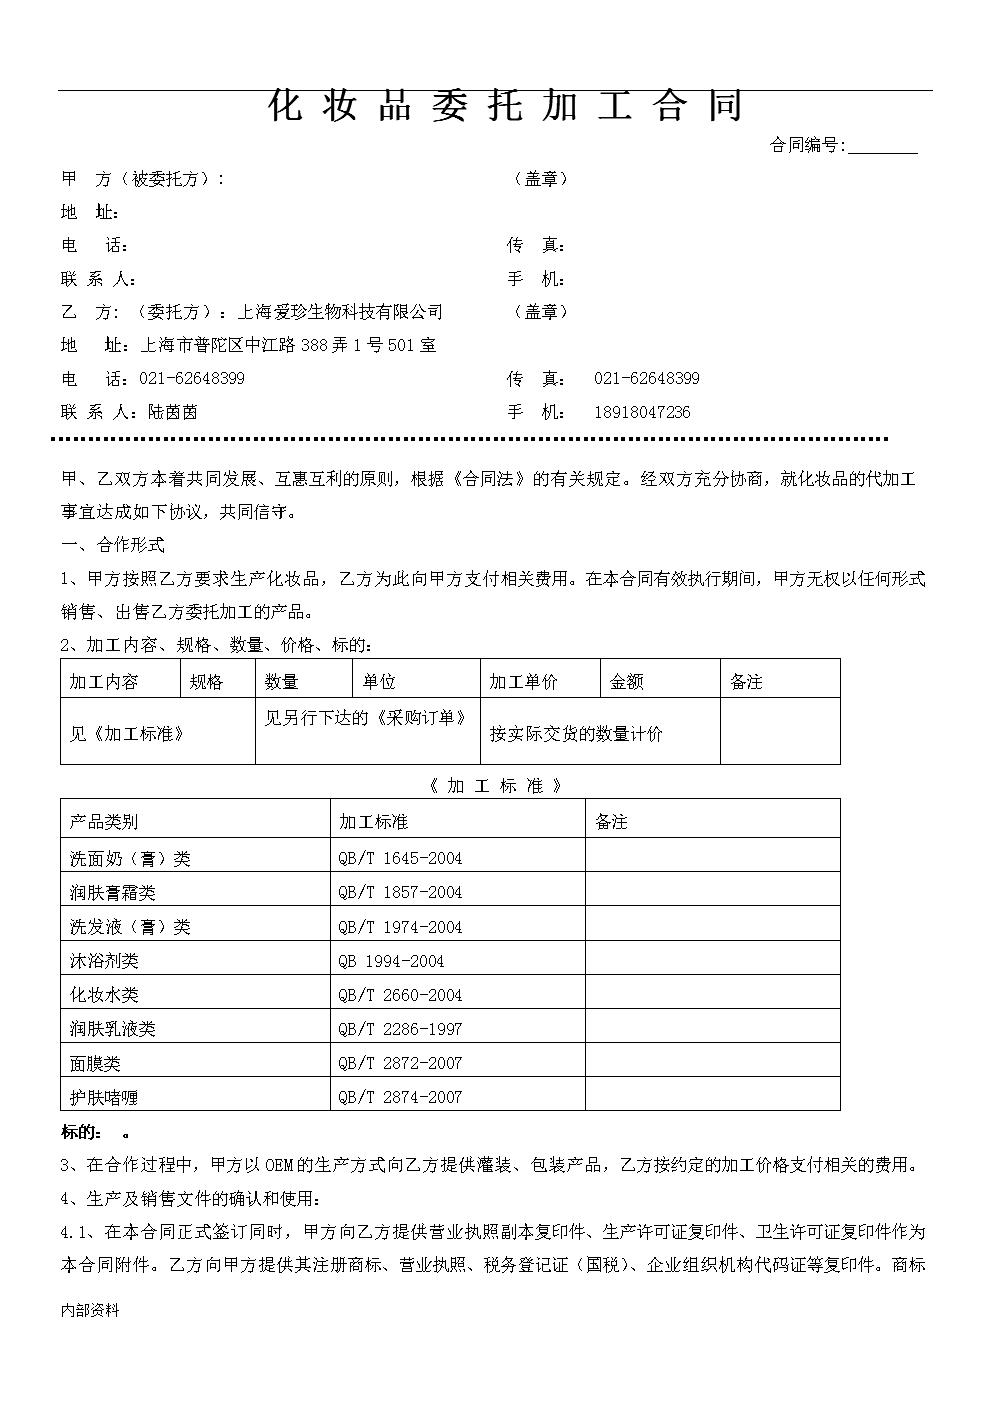 oem委托加工协议_化妆品oem委托加工合同范本可打印.doc